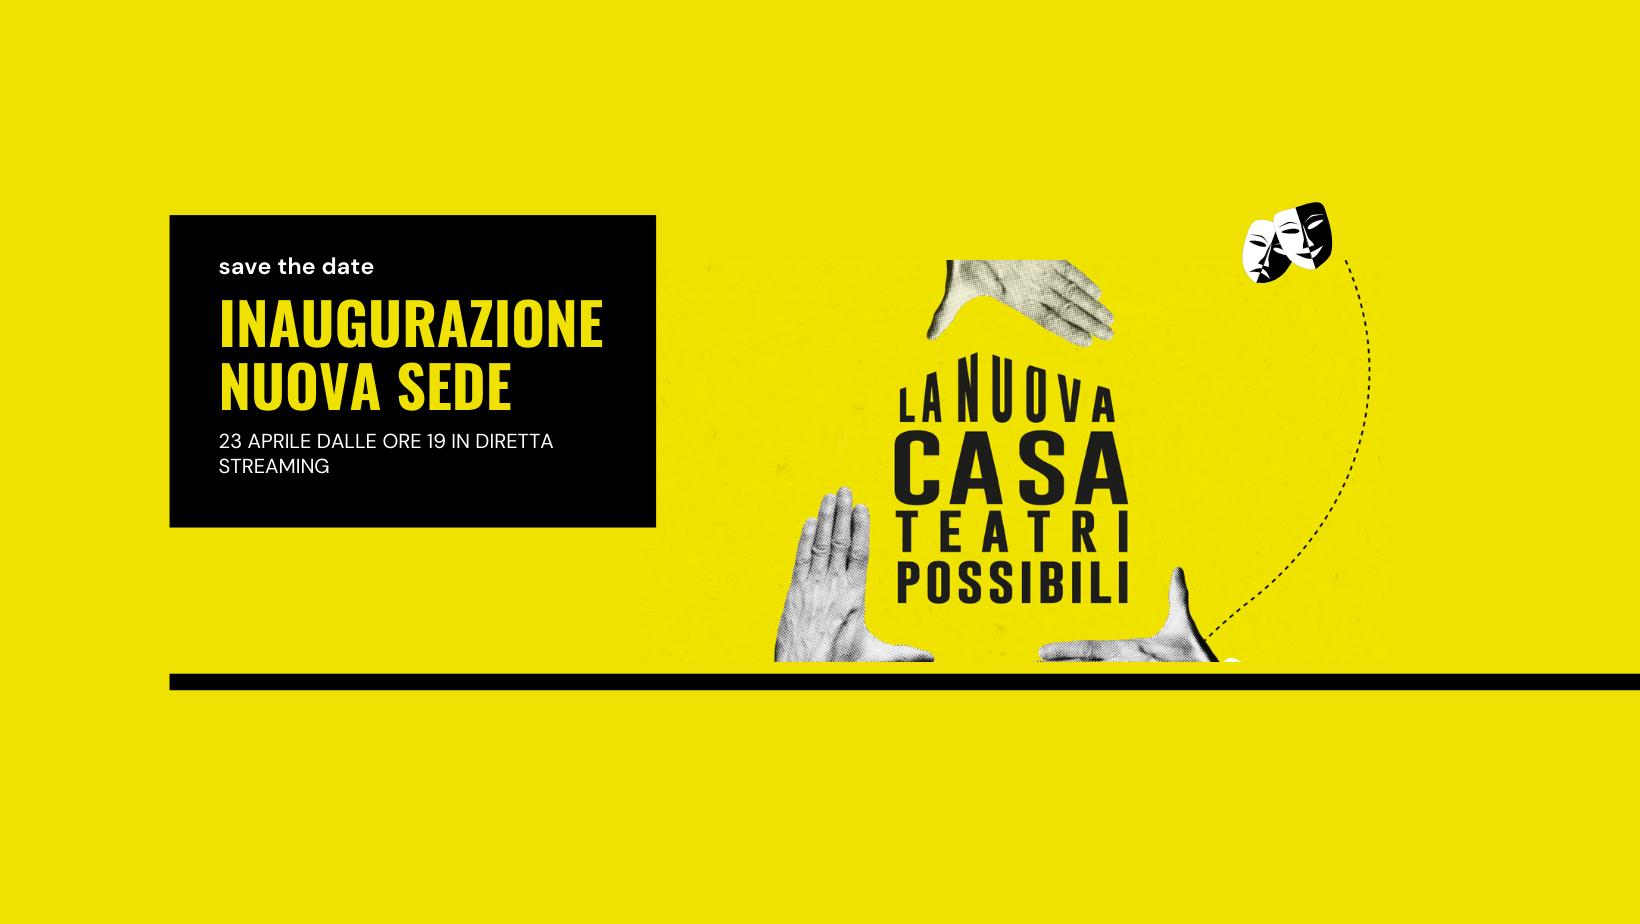 locandina dell'inaugurazione-compleanno di Teatri possibili a Milano, sfondo giallo e la dicitura dell'inaugurazione con indicazione della data e dello straming